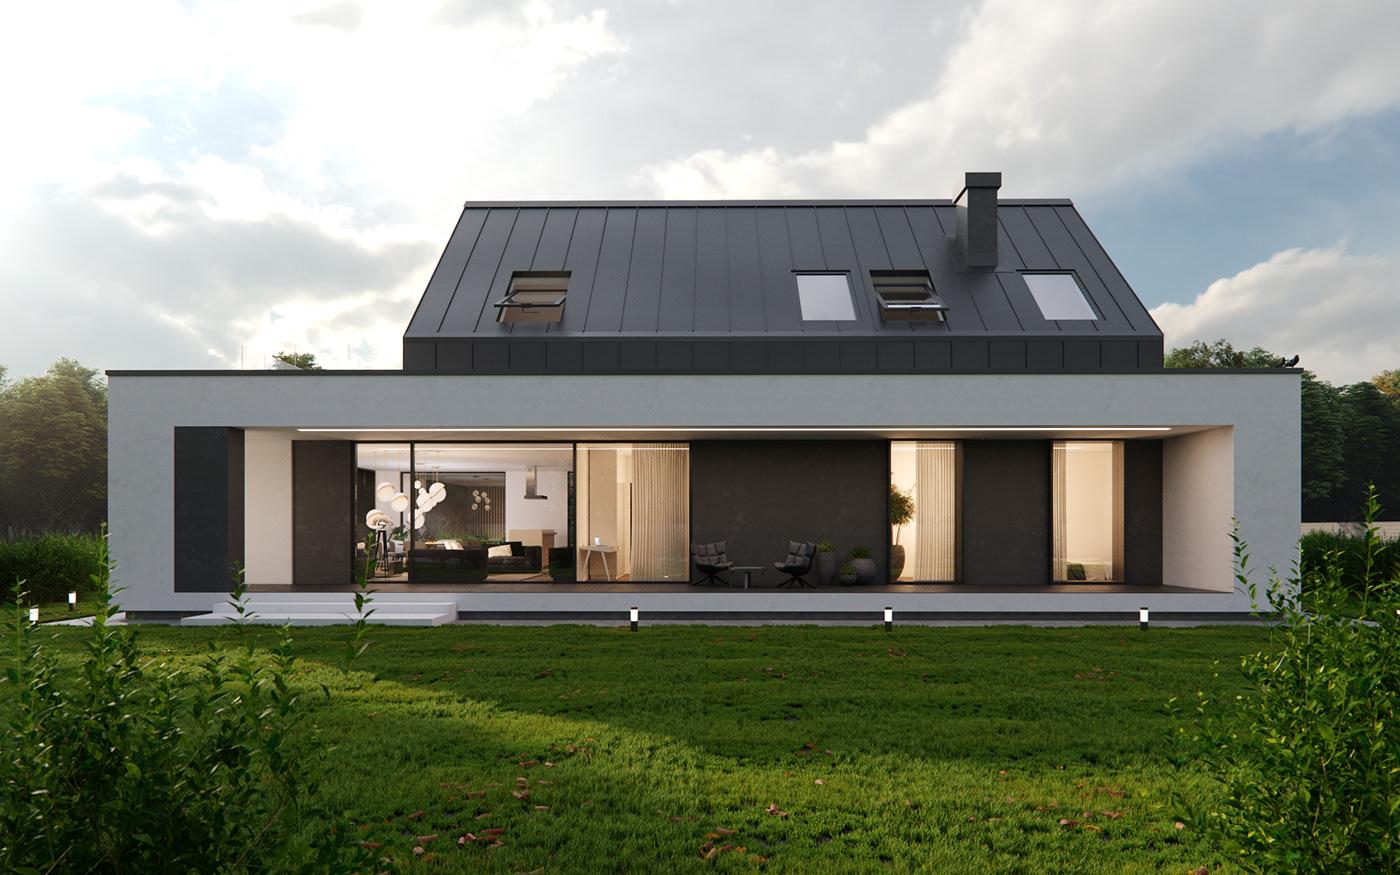 housing architecture house coronarenderer residential design realestate exterior 3dsmax 3drendering